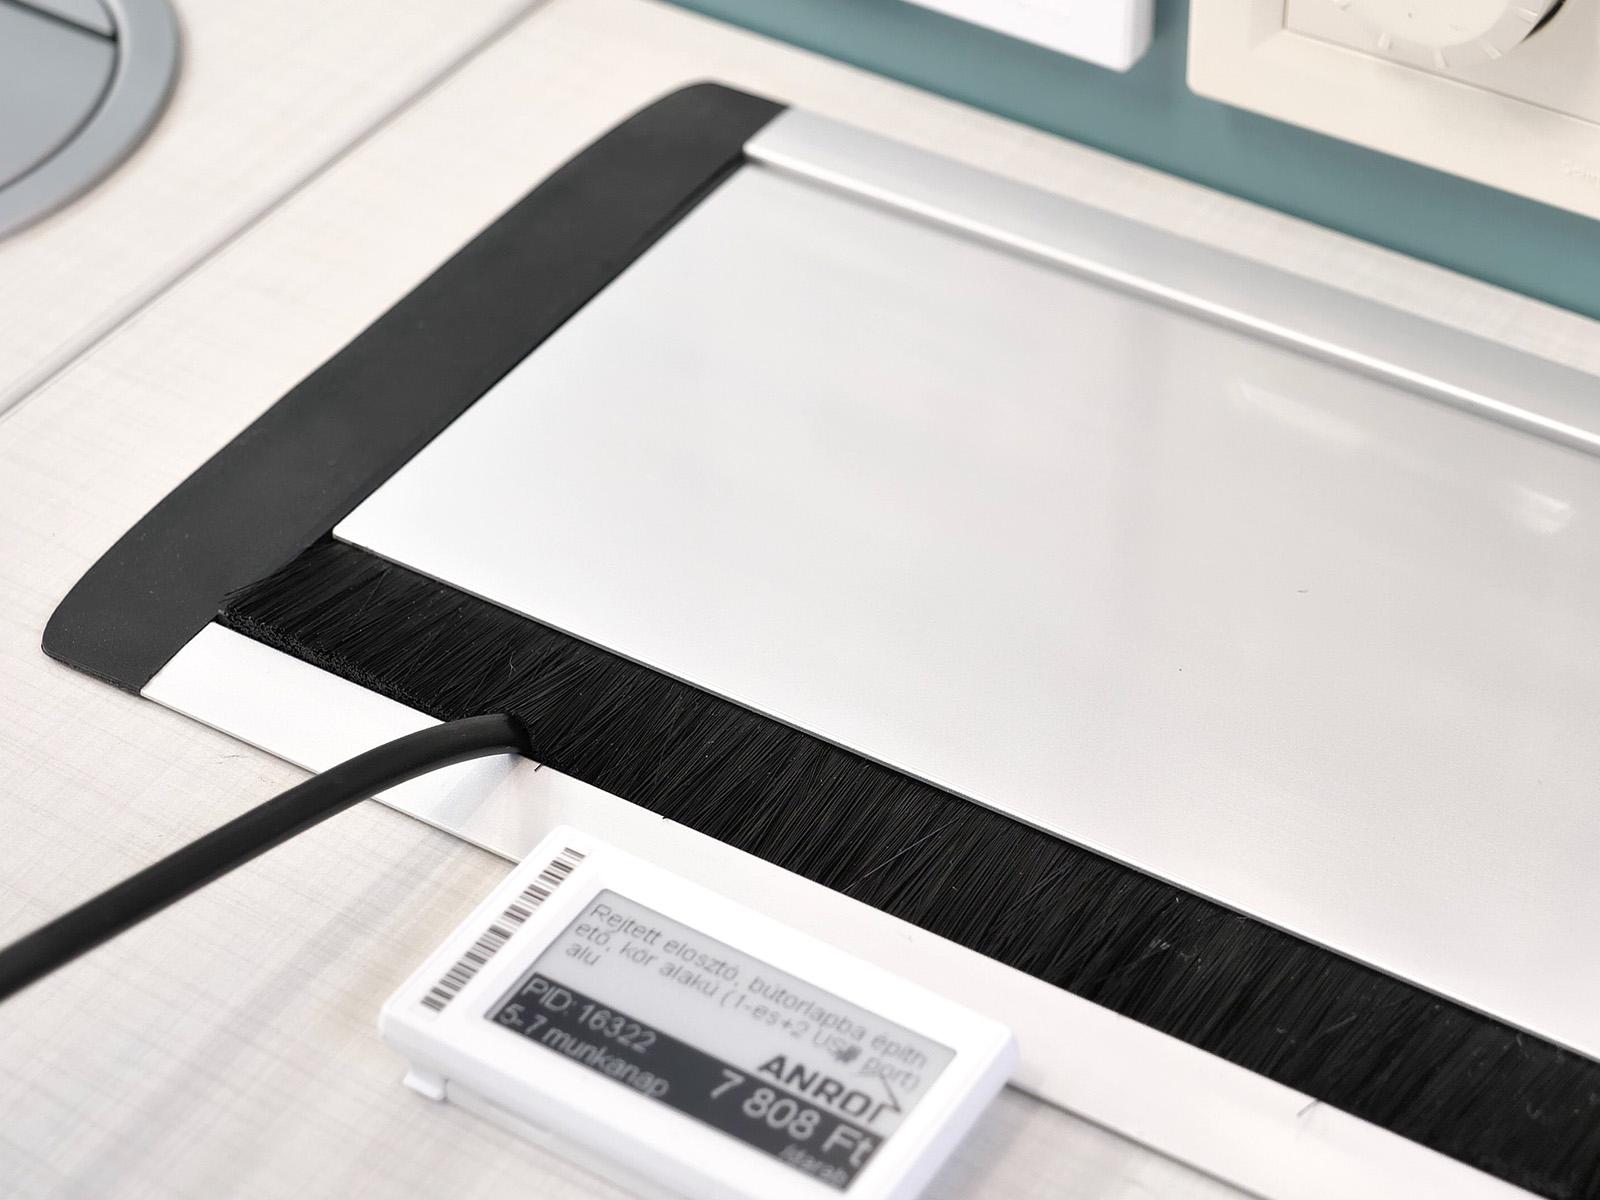 A kábelkivezetős típusnál a kábelek egy sörtén átvezetve szinte láthatatlanul csatlakoznak be az asztallap alá.